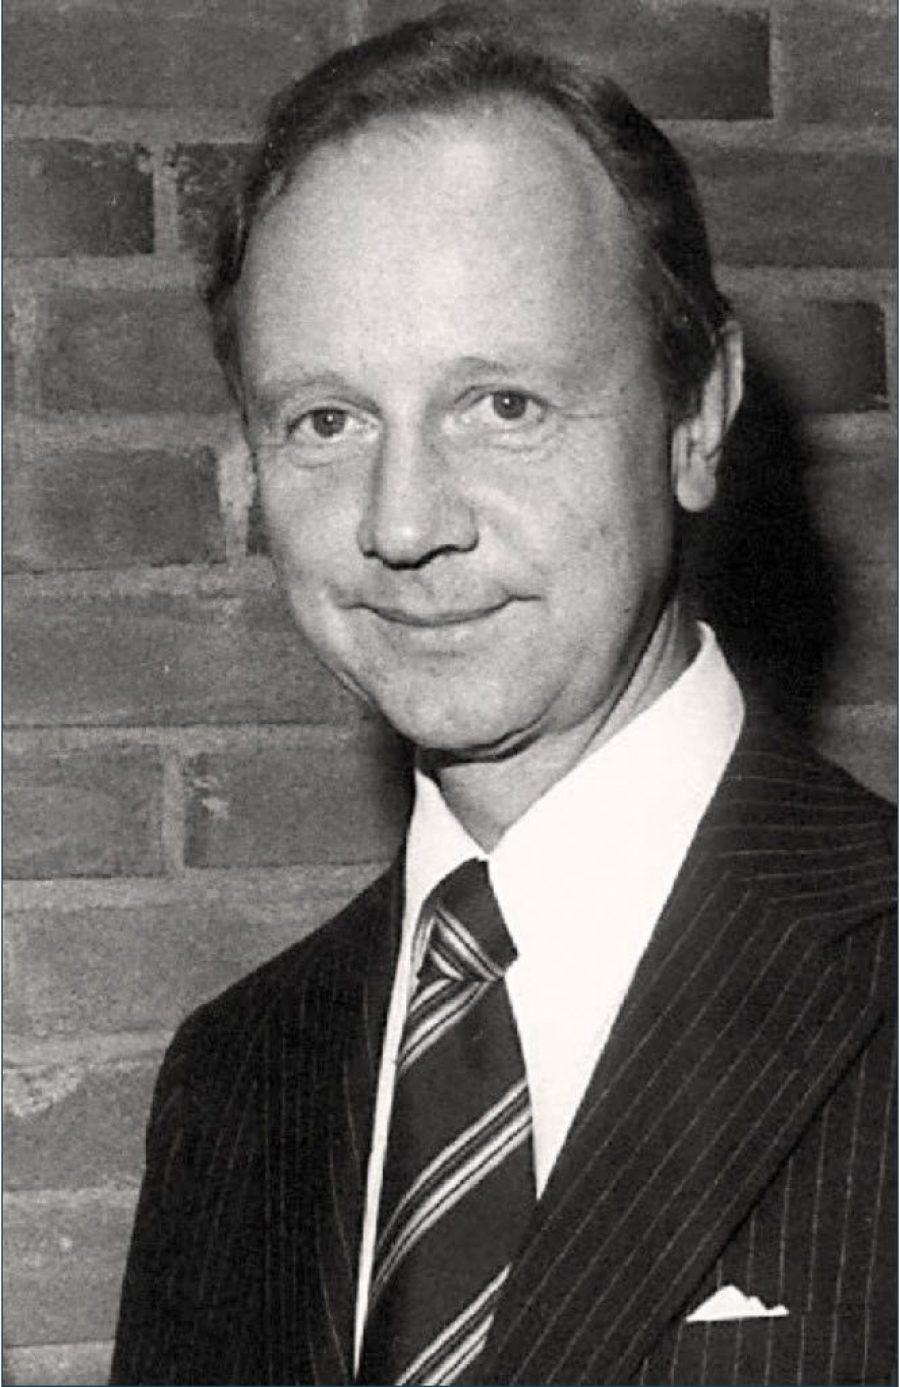 sort hvitt bilde, mann i dress med slips smiler og ser rett inn i kameraet.